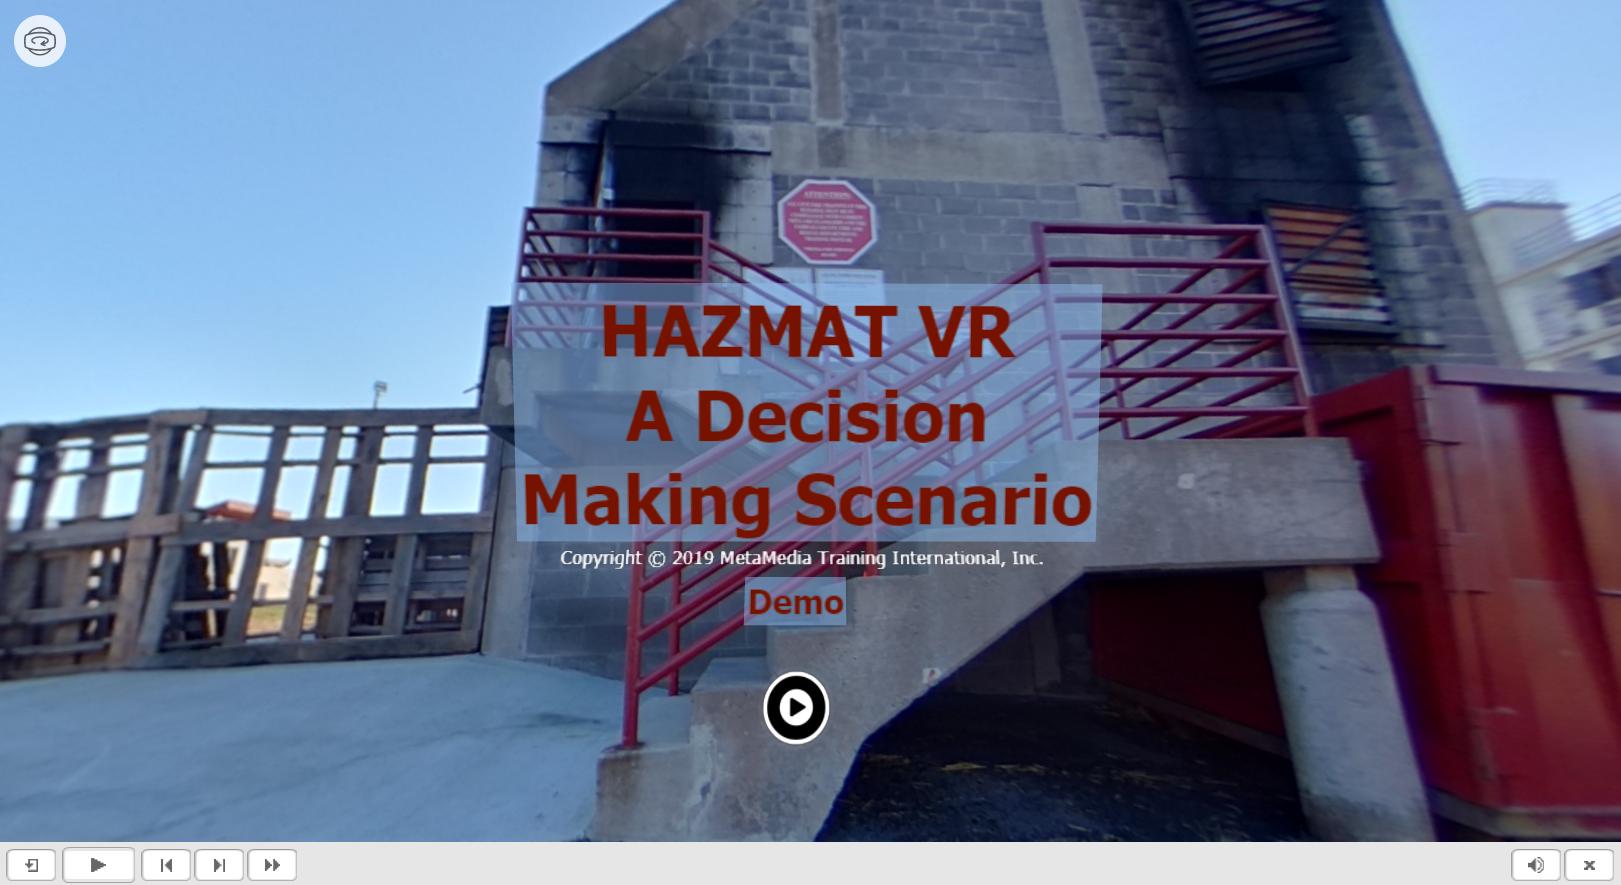 HAZMAT VR - A Decision Making Scenario